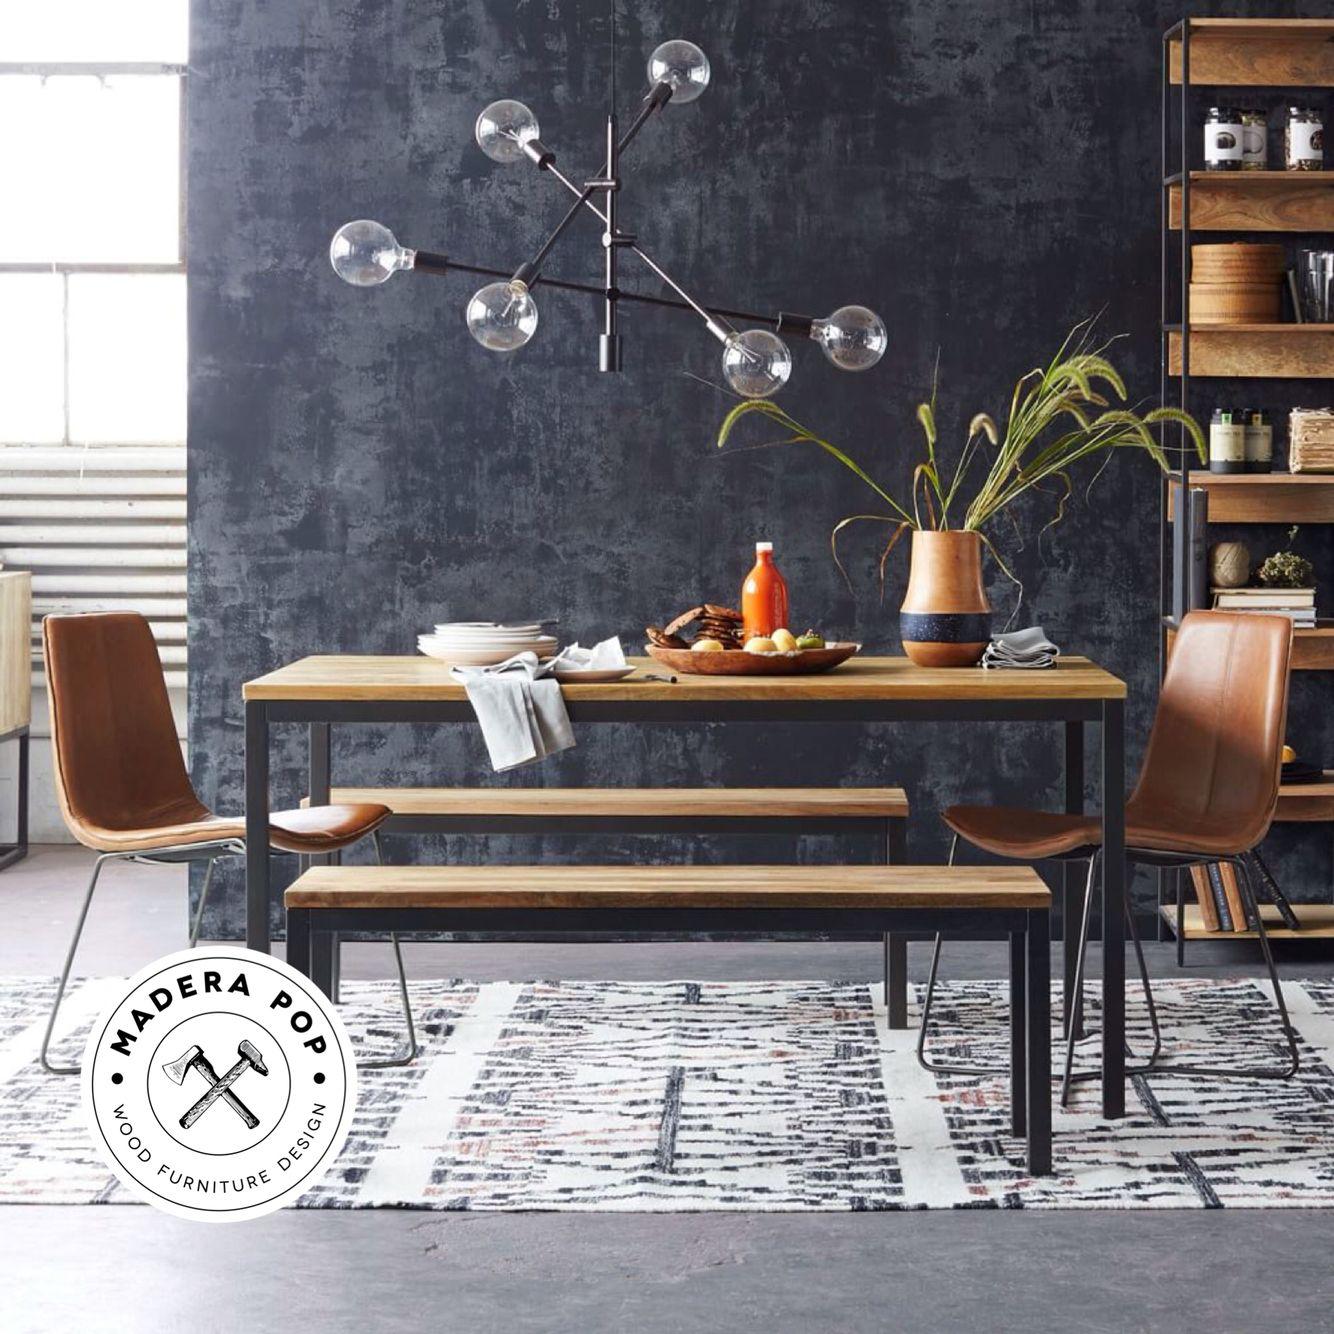 Mesa para 6 personas y banca para 2 personas (madera sólida) Medidas ...